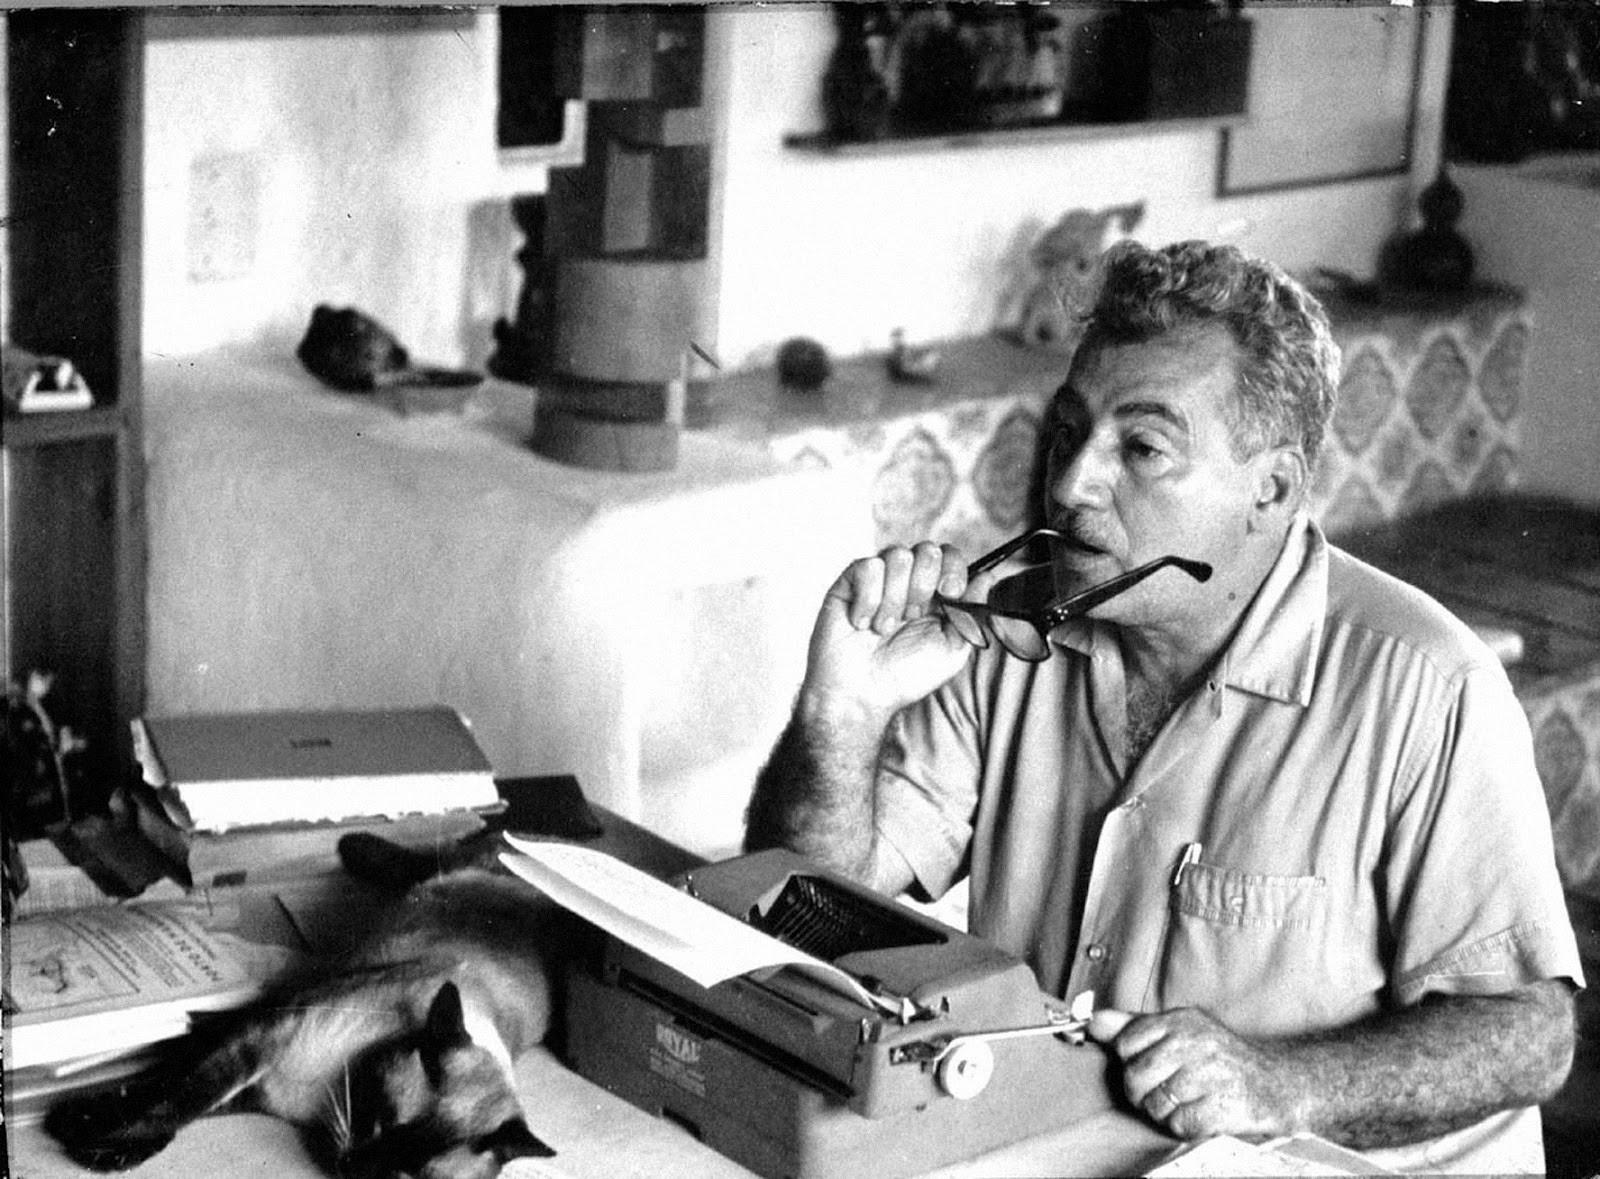 Na Casa de Jorge Amado, no Pelourinho, em Salvador, é possível ver a máquina Royal portátil que o escritor usou para escrever boa parte de sua obra (Foto: Reprodução)